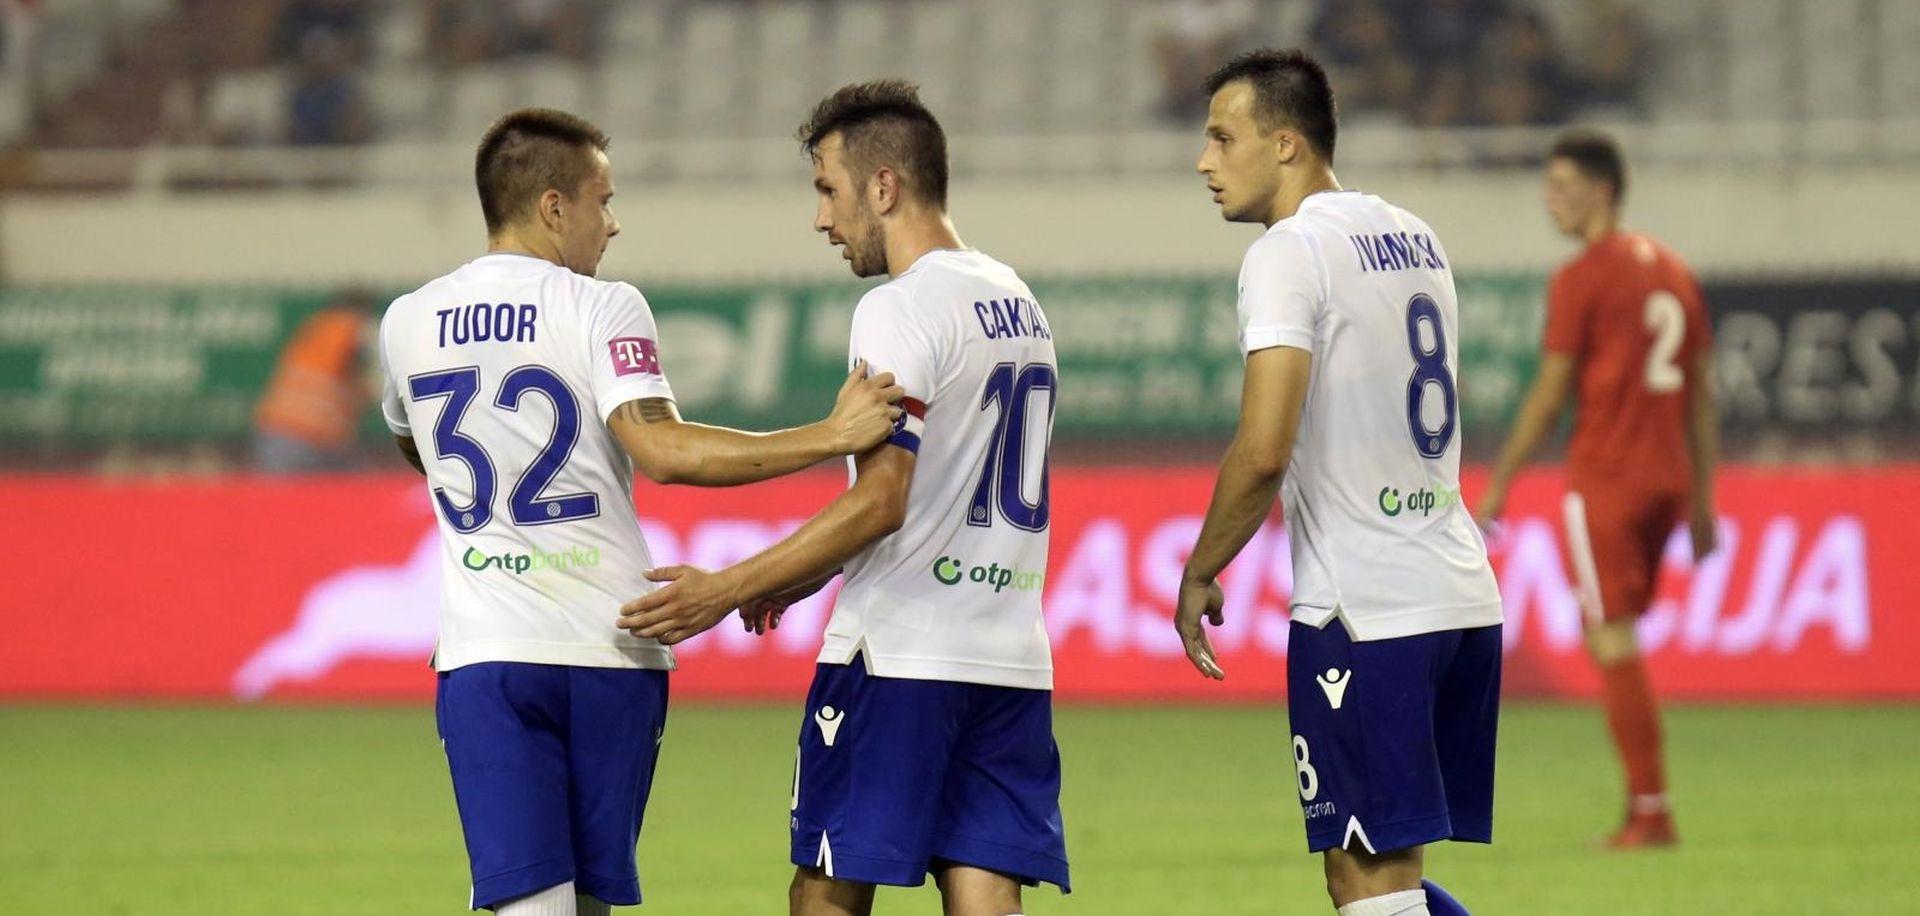 Hajduk stigao do prve pobjede, Caktaš dvostruki strijelac